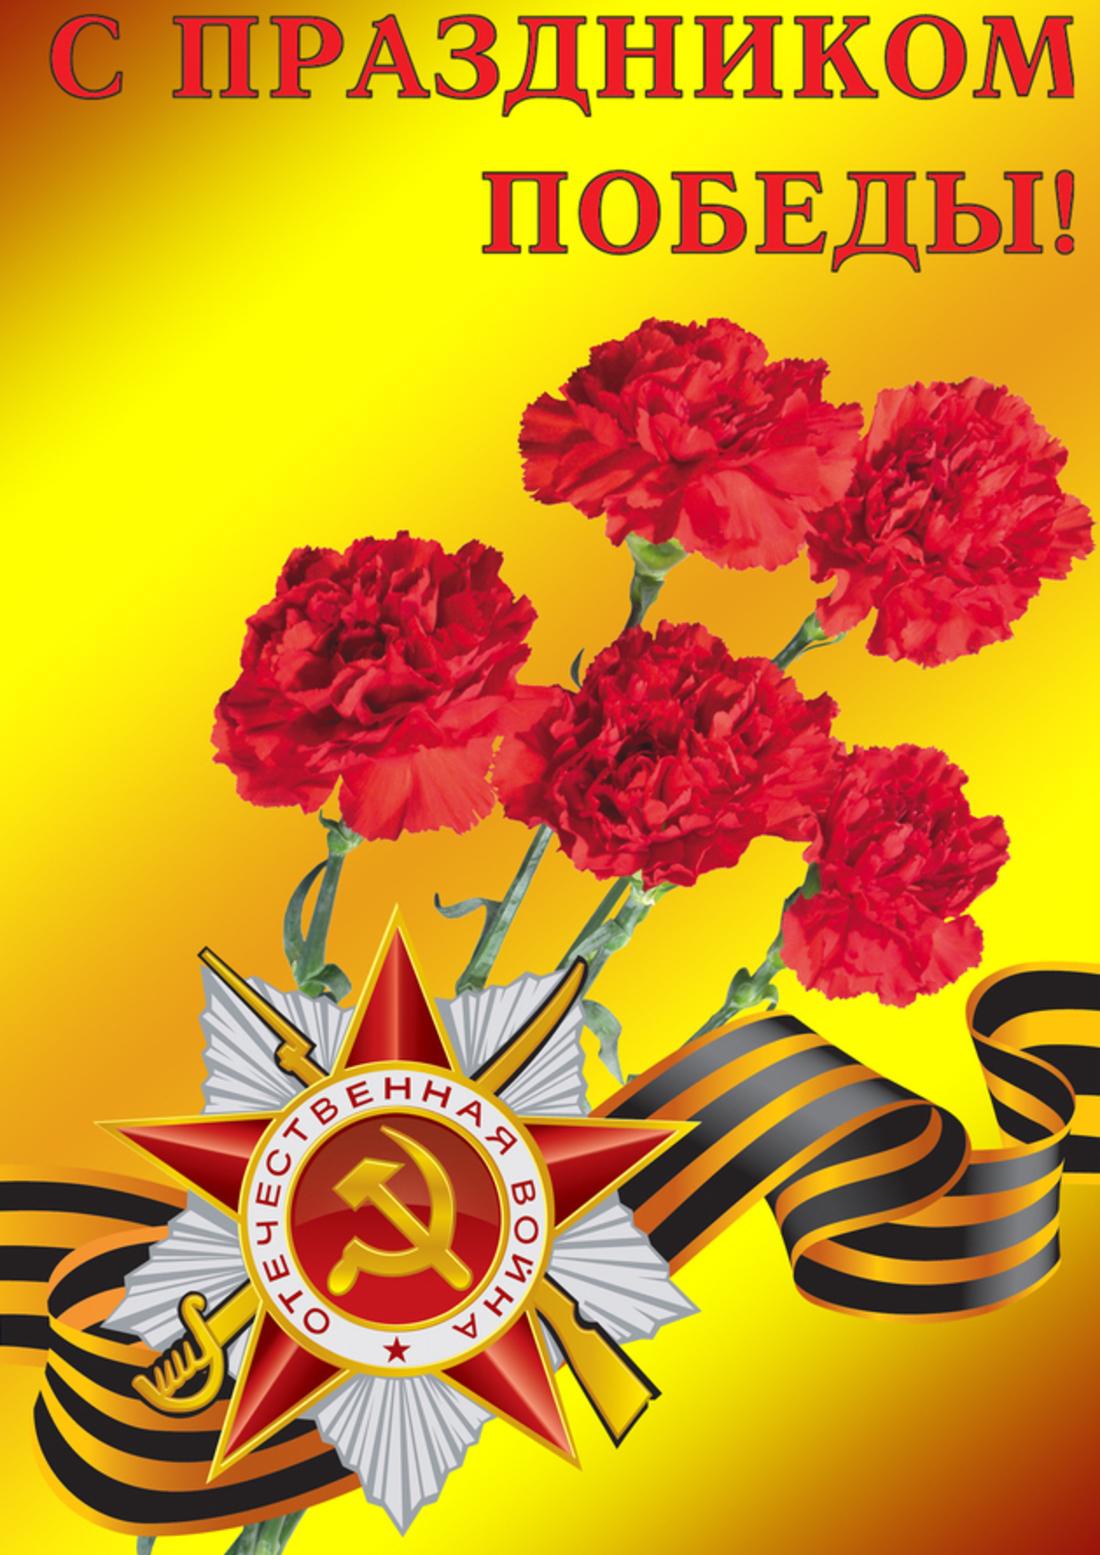 Поздравление на плакатах с днём победы